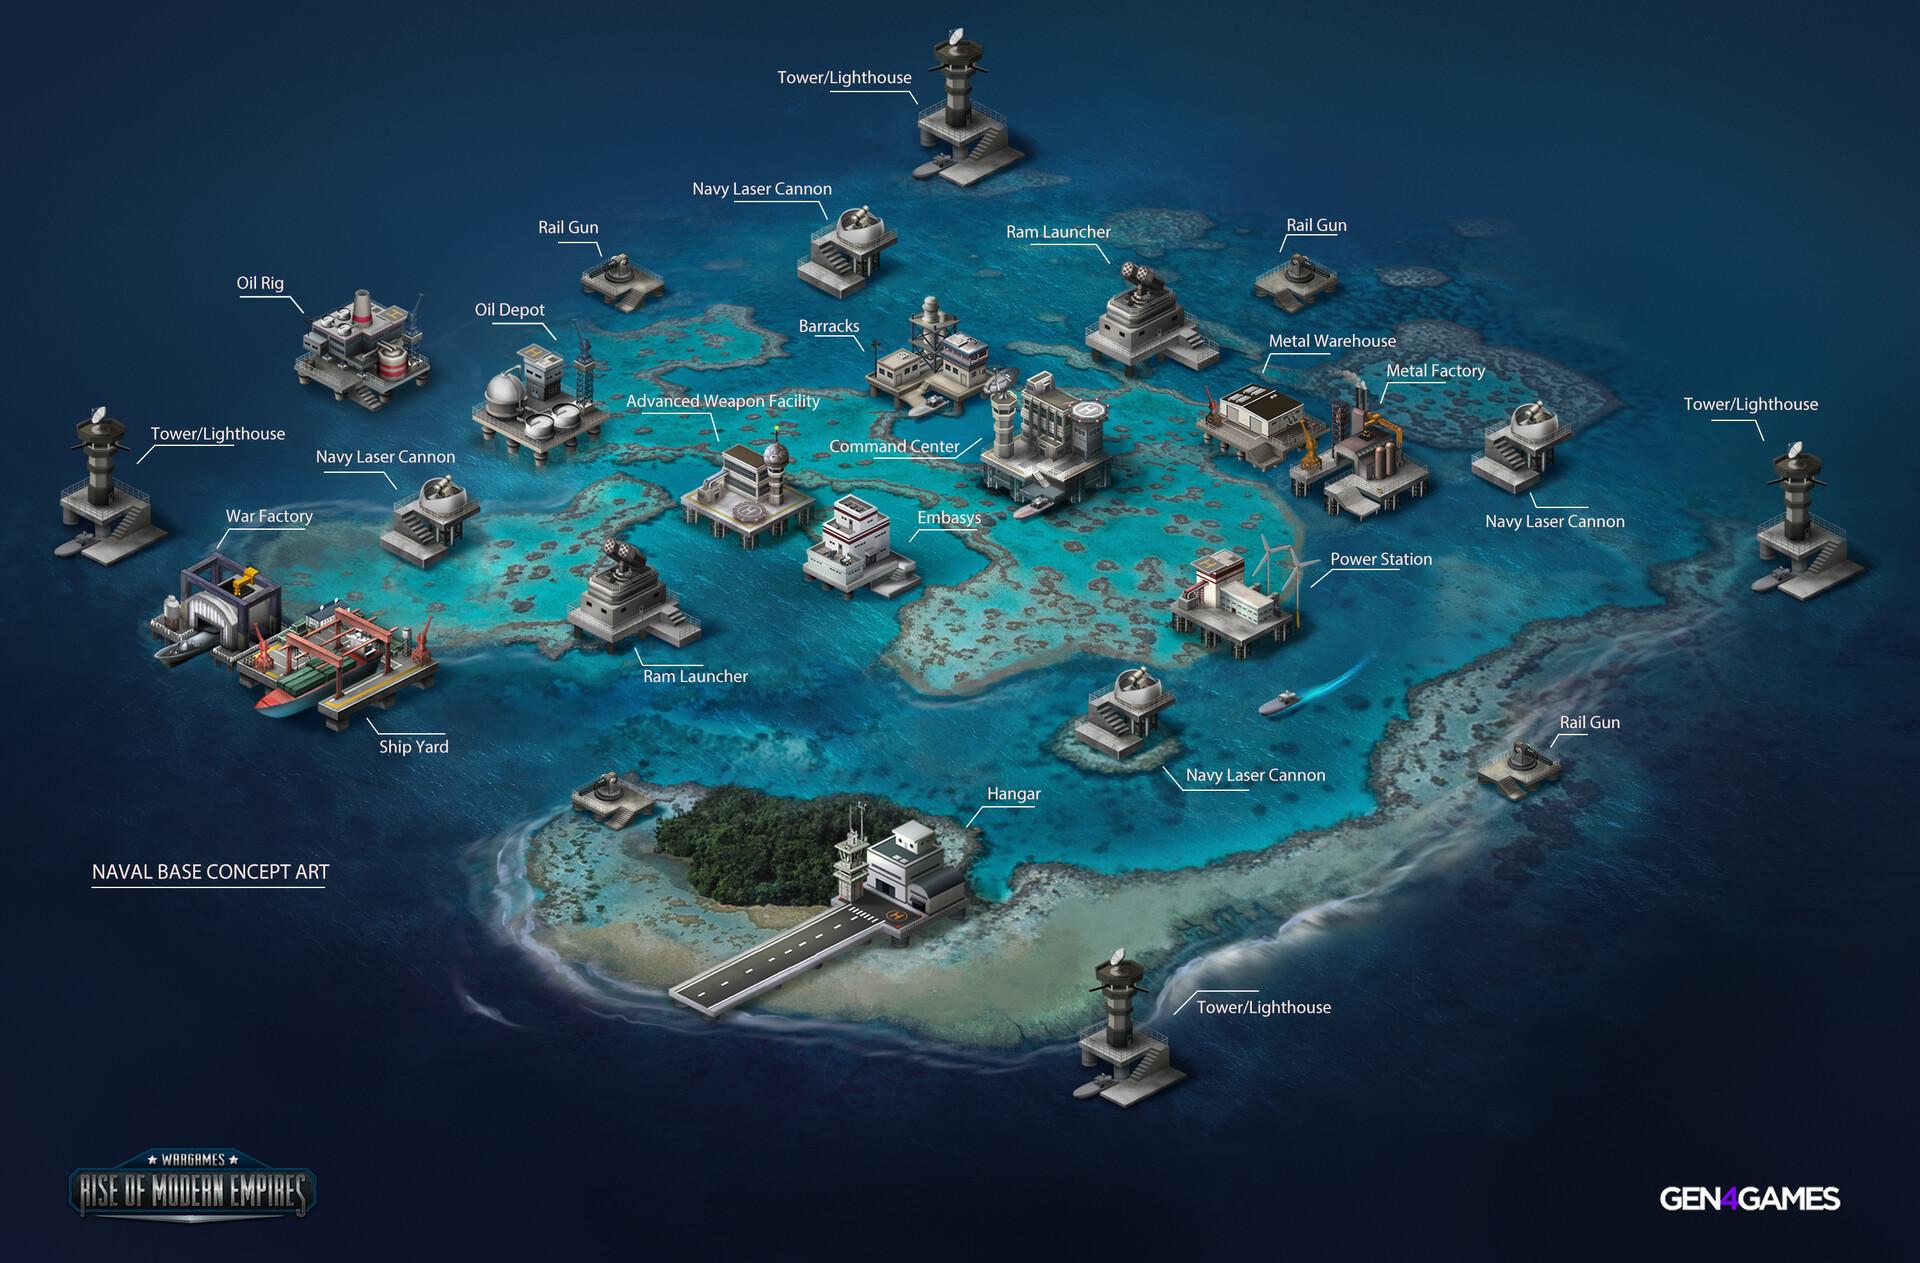 Ferdinand ladera navalbase